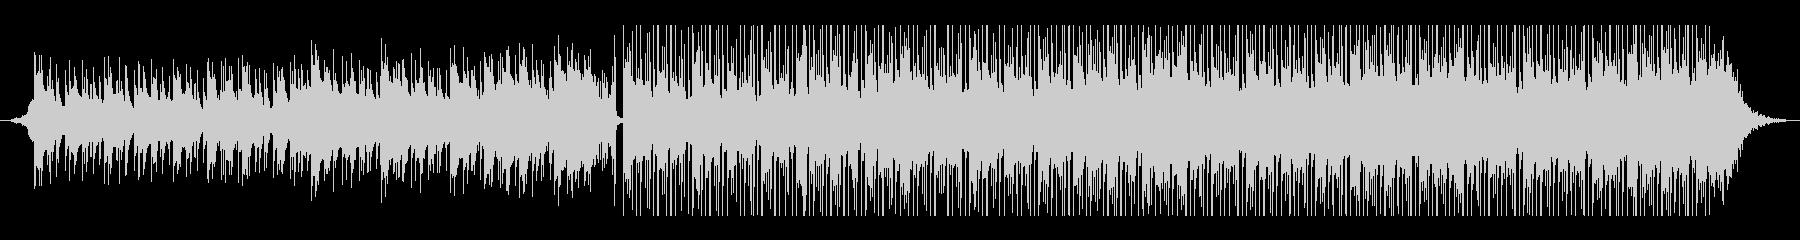 アラビア音楽の未再生の波形